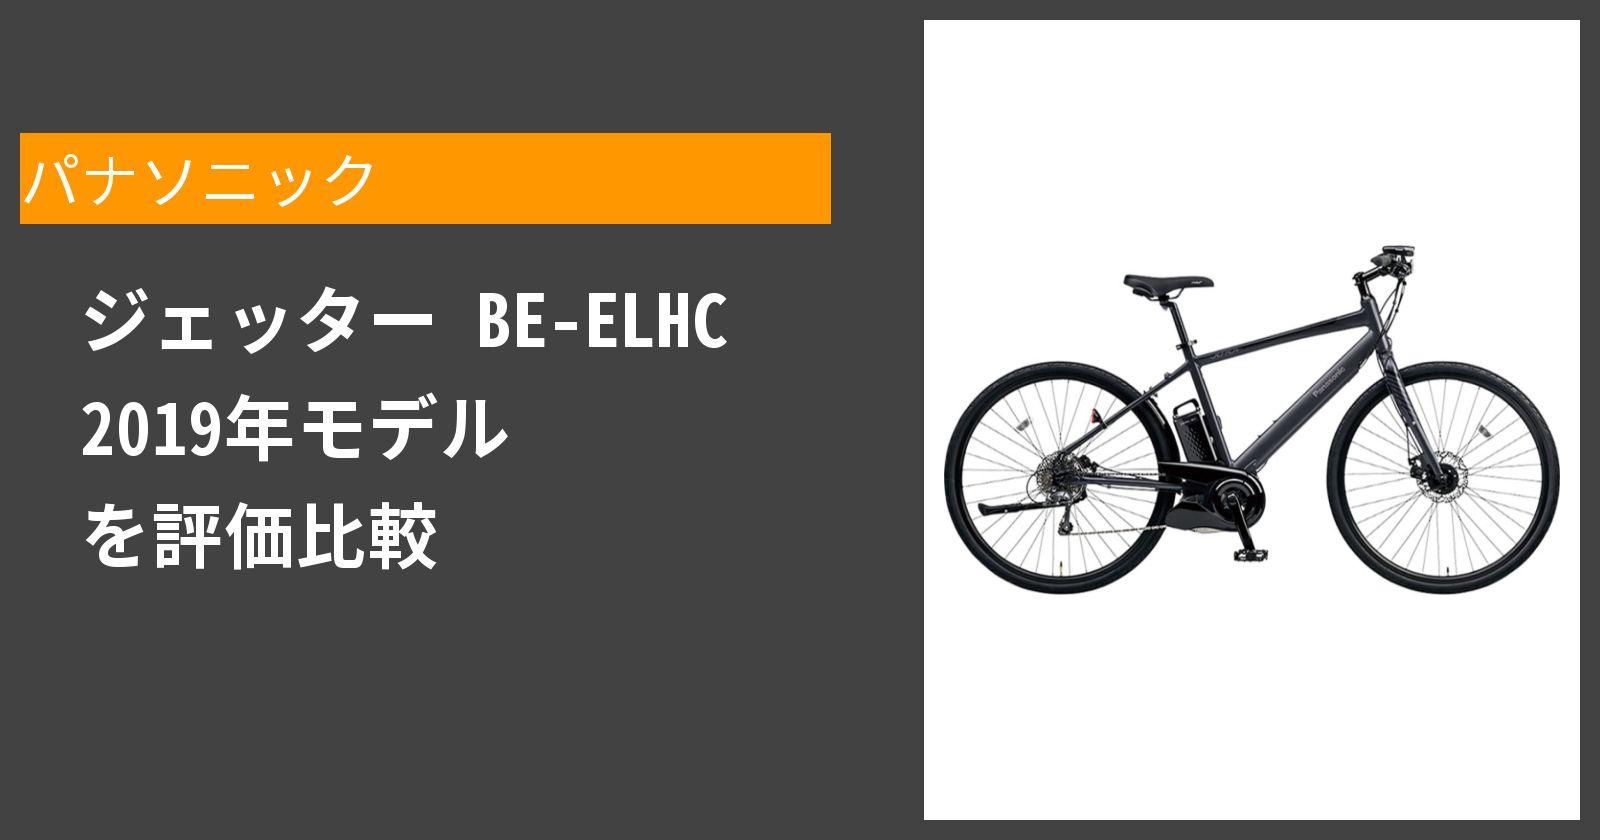 ジェッター BE-ELHC 2019年モデルを徹底評価